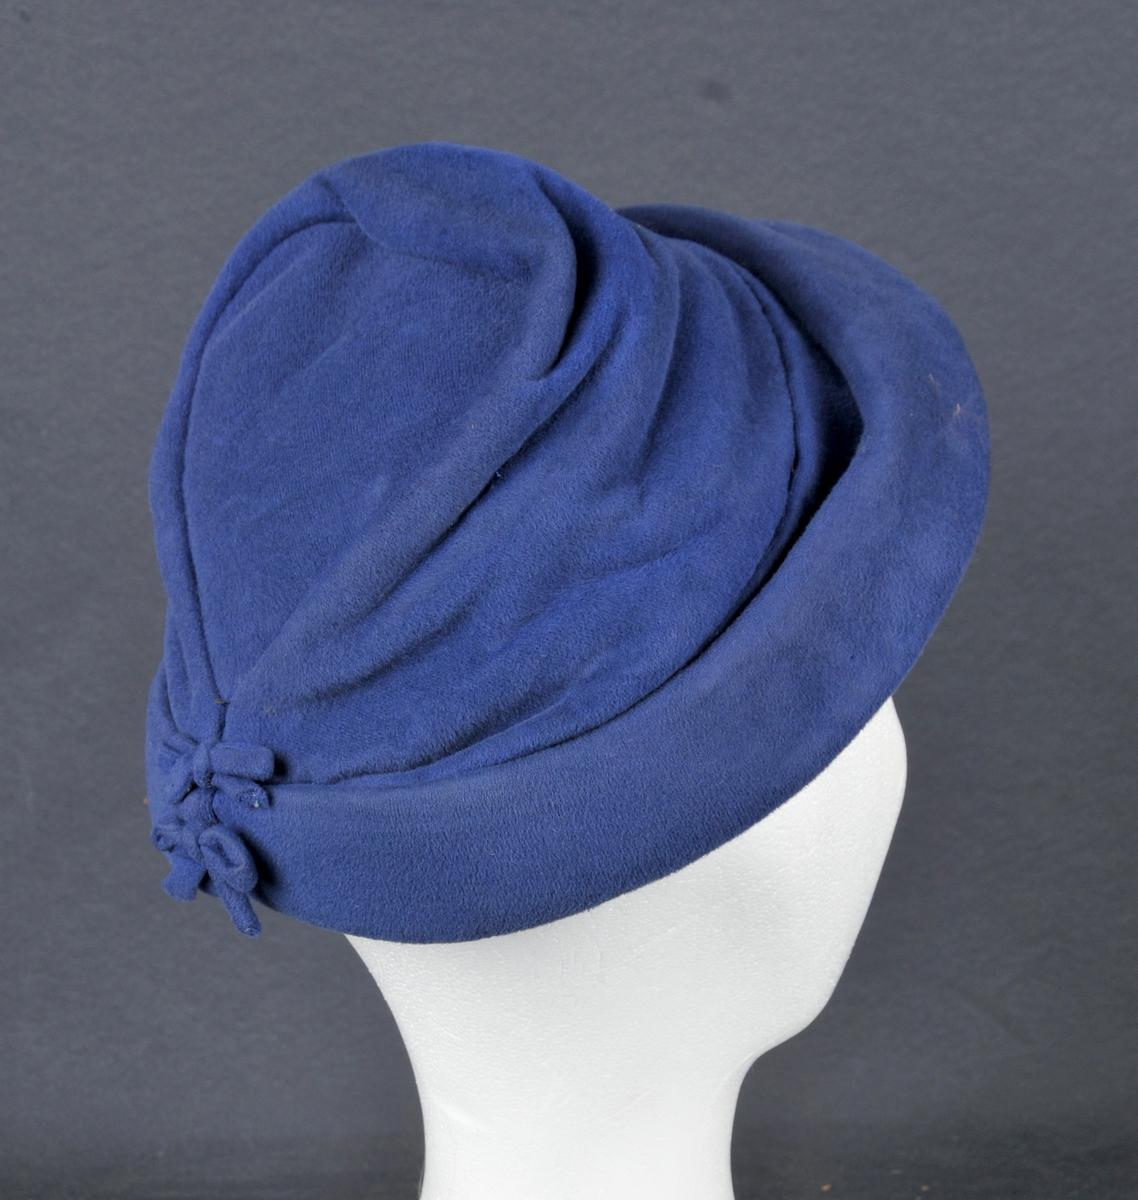 Filthatt med oppbretta brem. Pull med innfelt toppstykke, skrånande bakover. Nakkesaumane er pynta med to små sløyfer i same stoffet som hatten.Festestrikken er øydelagt.